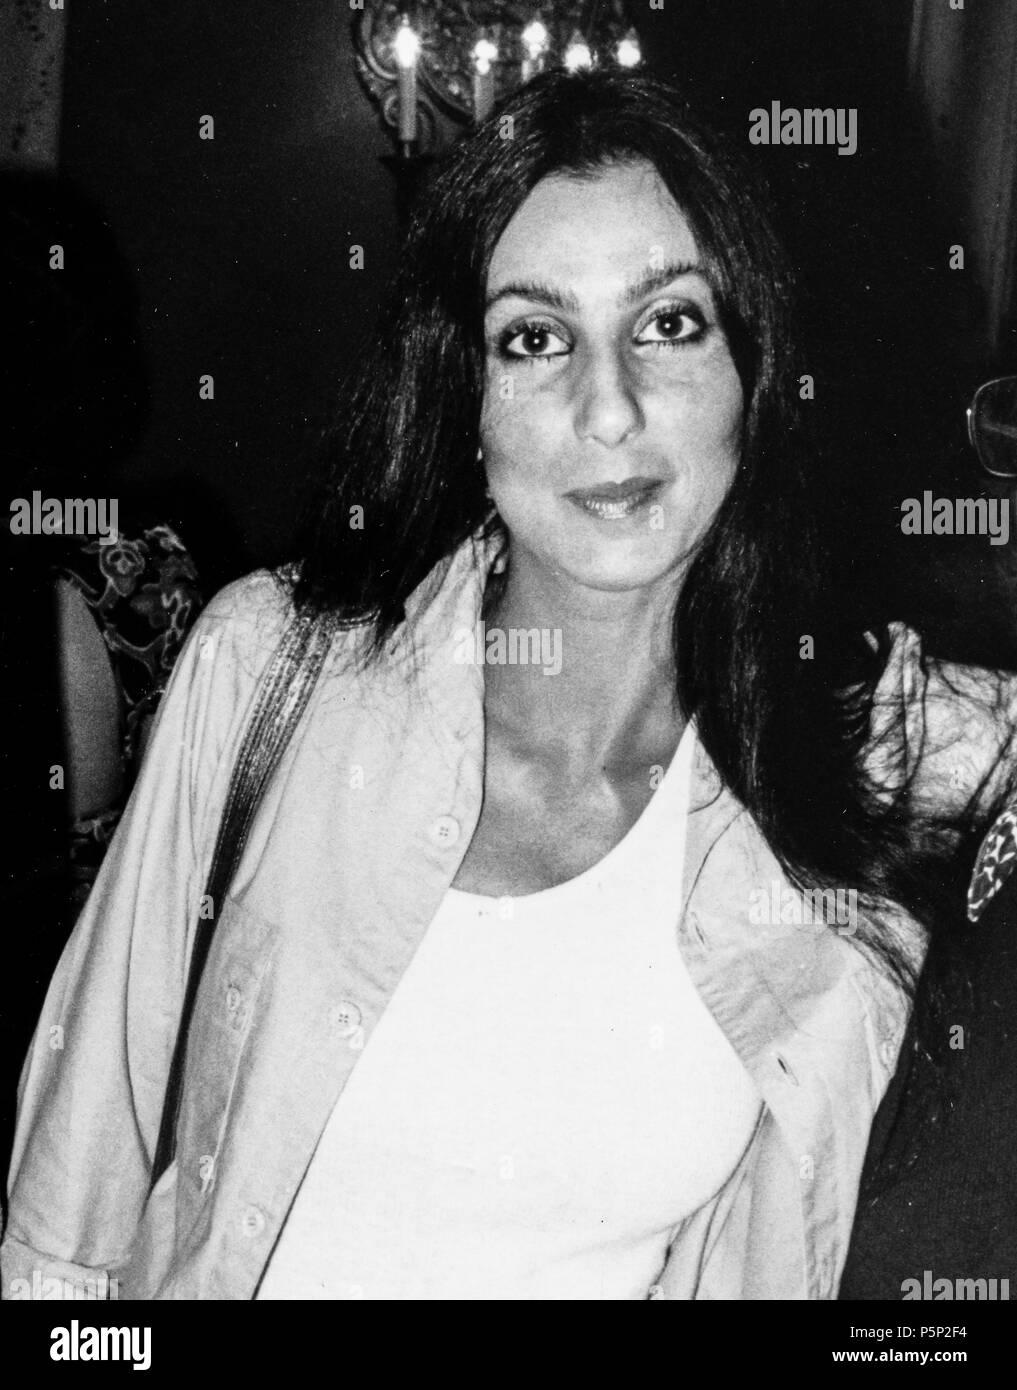 Cher, 60s Imagen De Stock